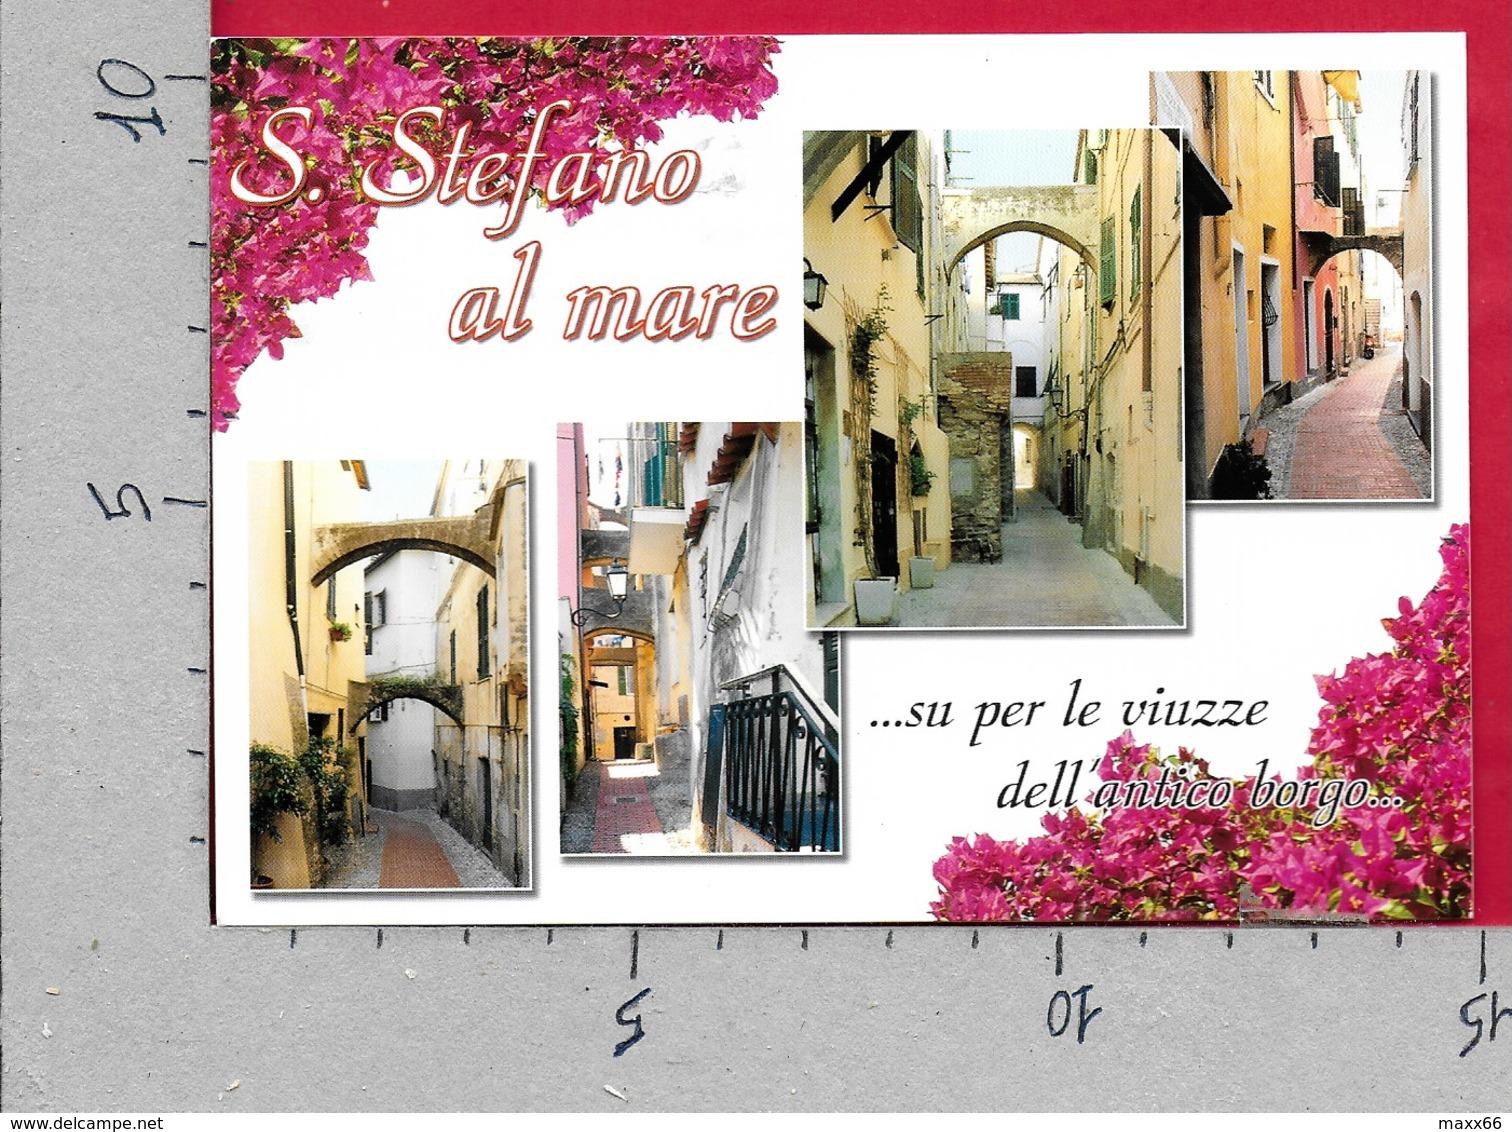 CARTOLINA VG ITALIA - S. STEFANO AL MARE (IM) Su Per Le Viuzze Dell'antico Borgo - 10 X 15 - ANN. 2004 IMPERIA - Imperia